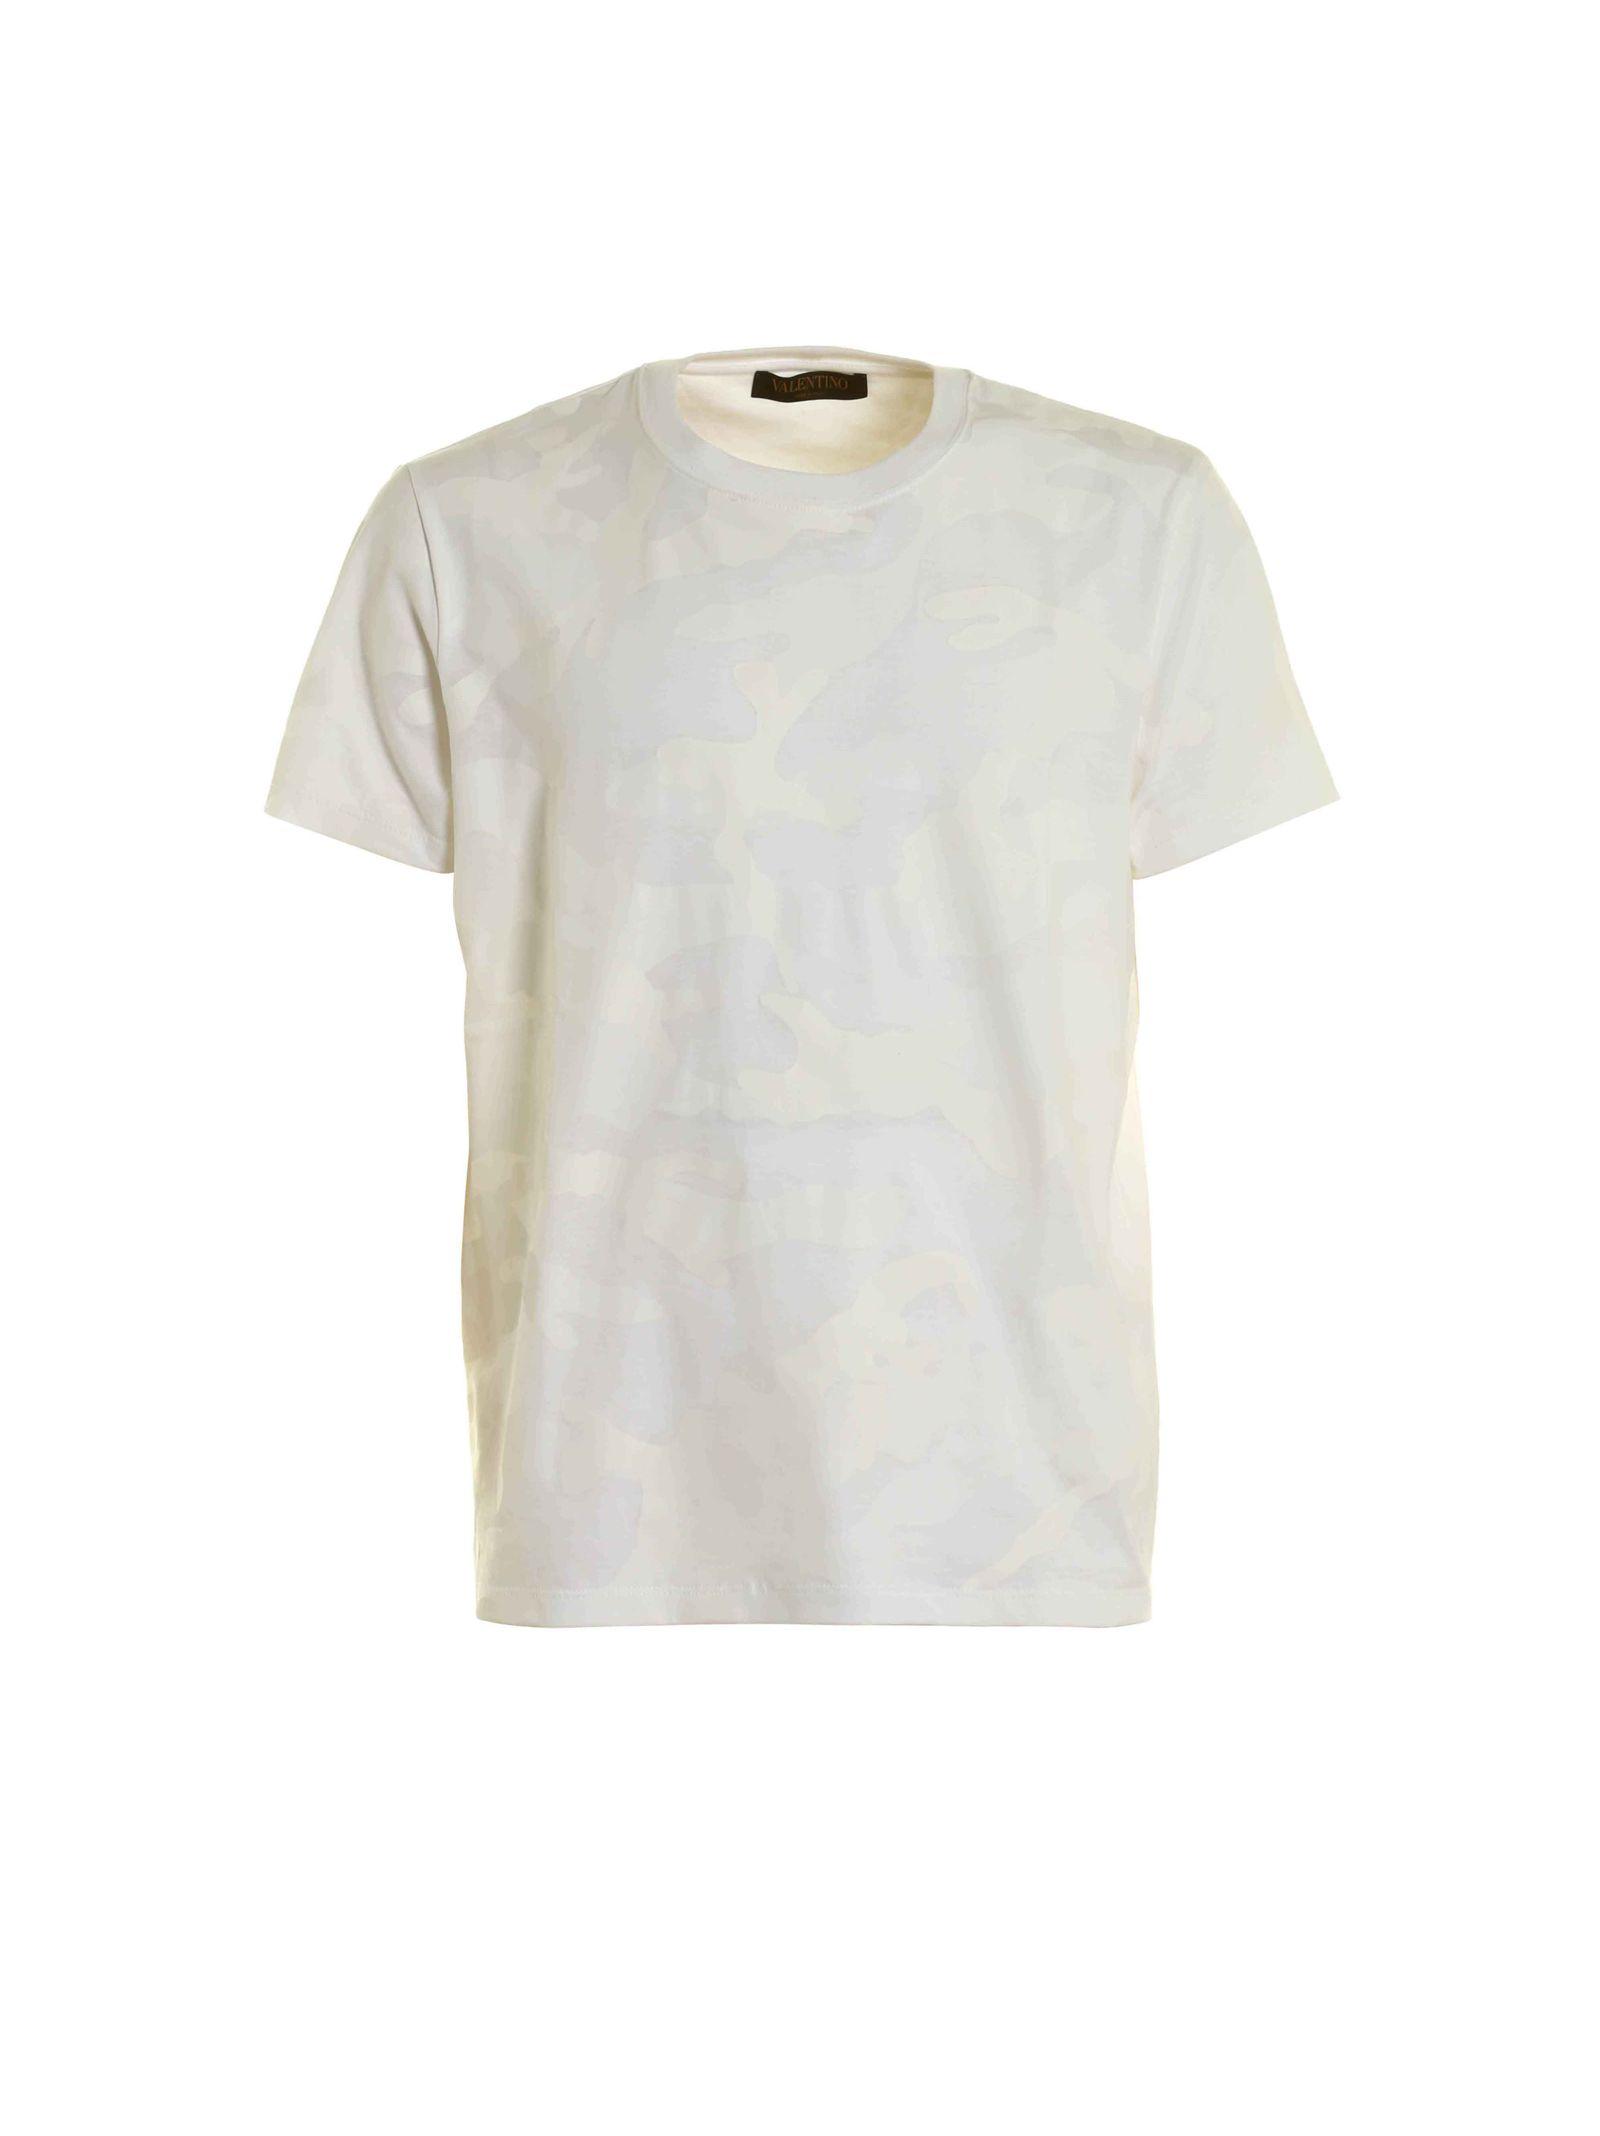 Valentino T-shirt Camuflage